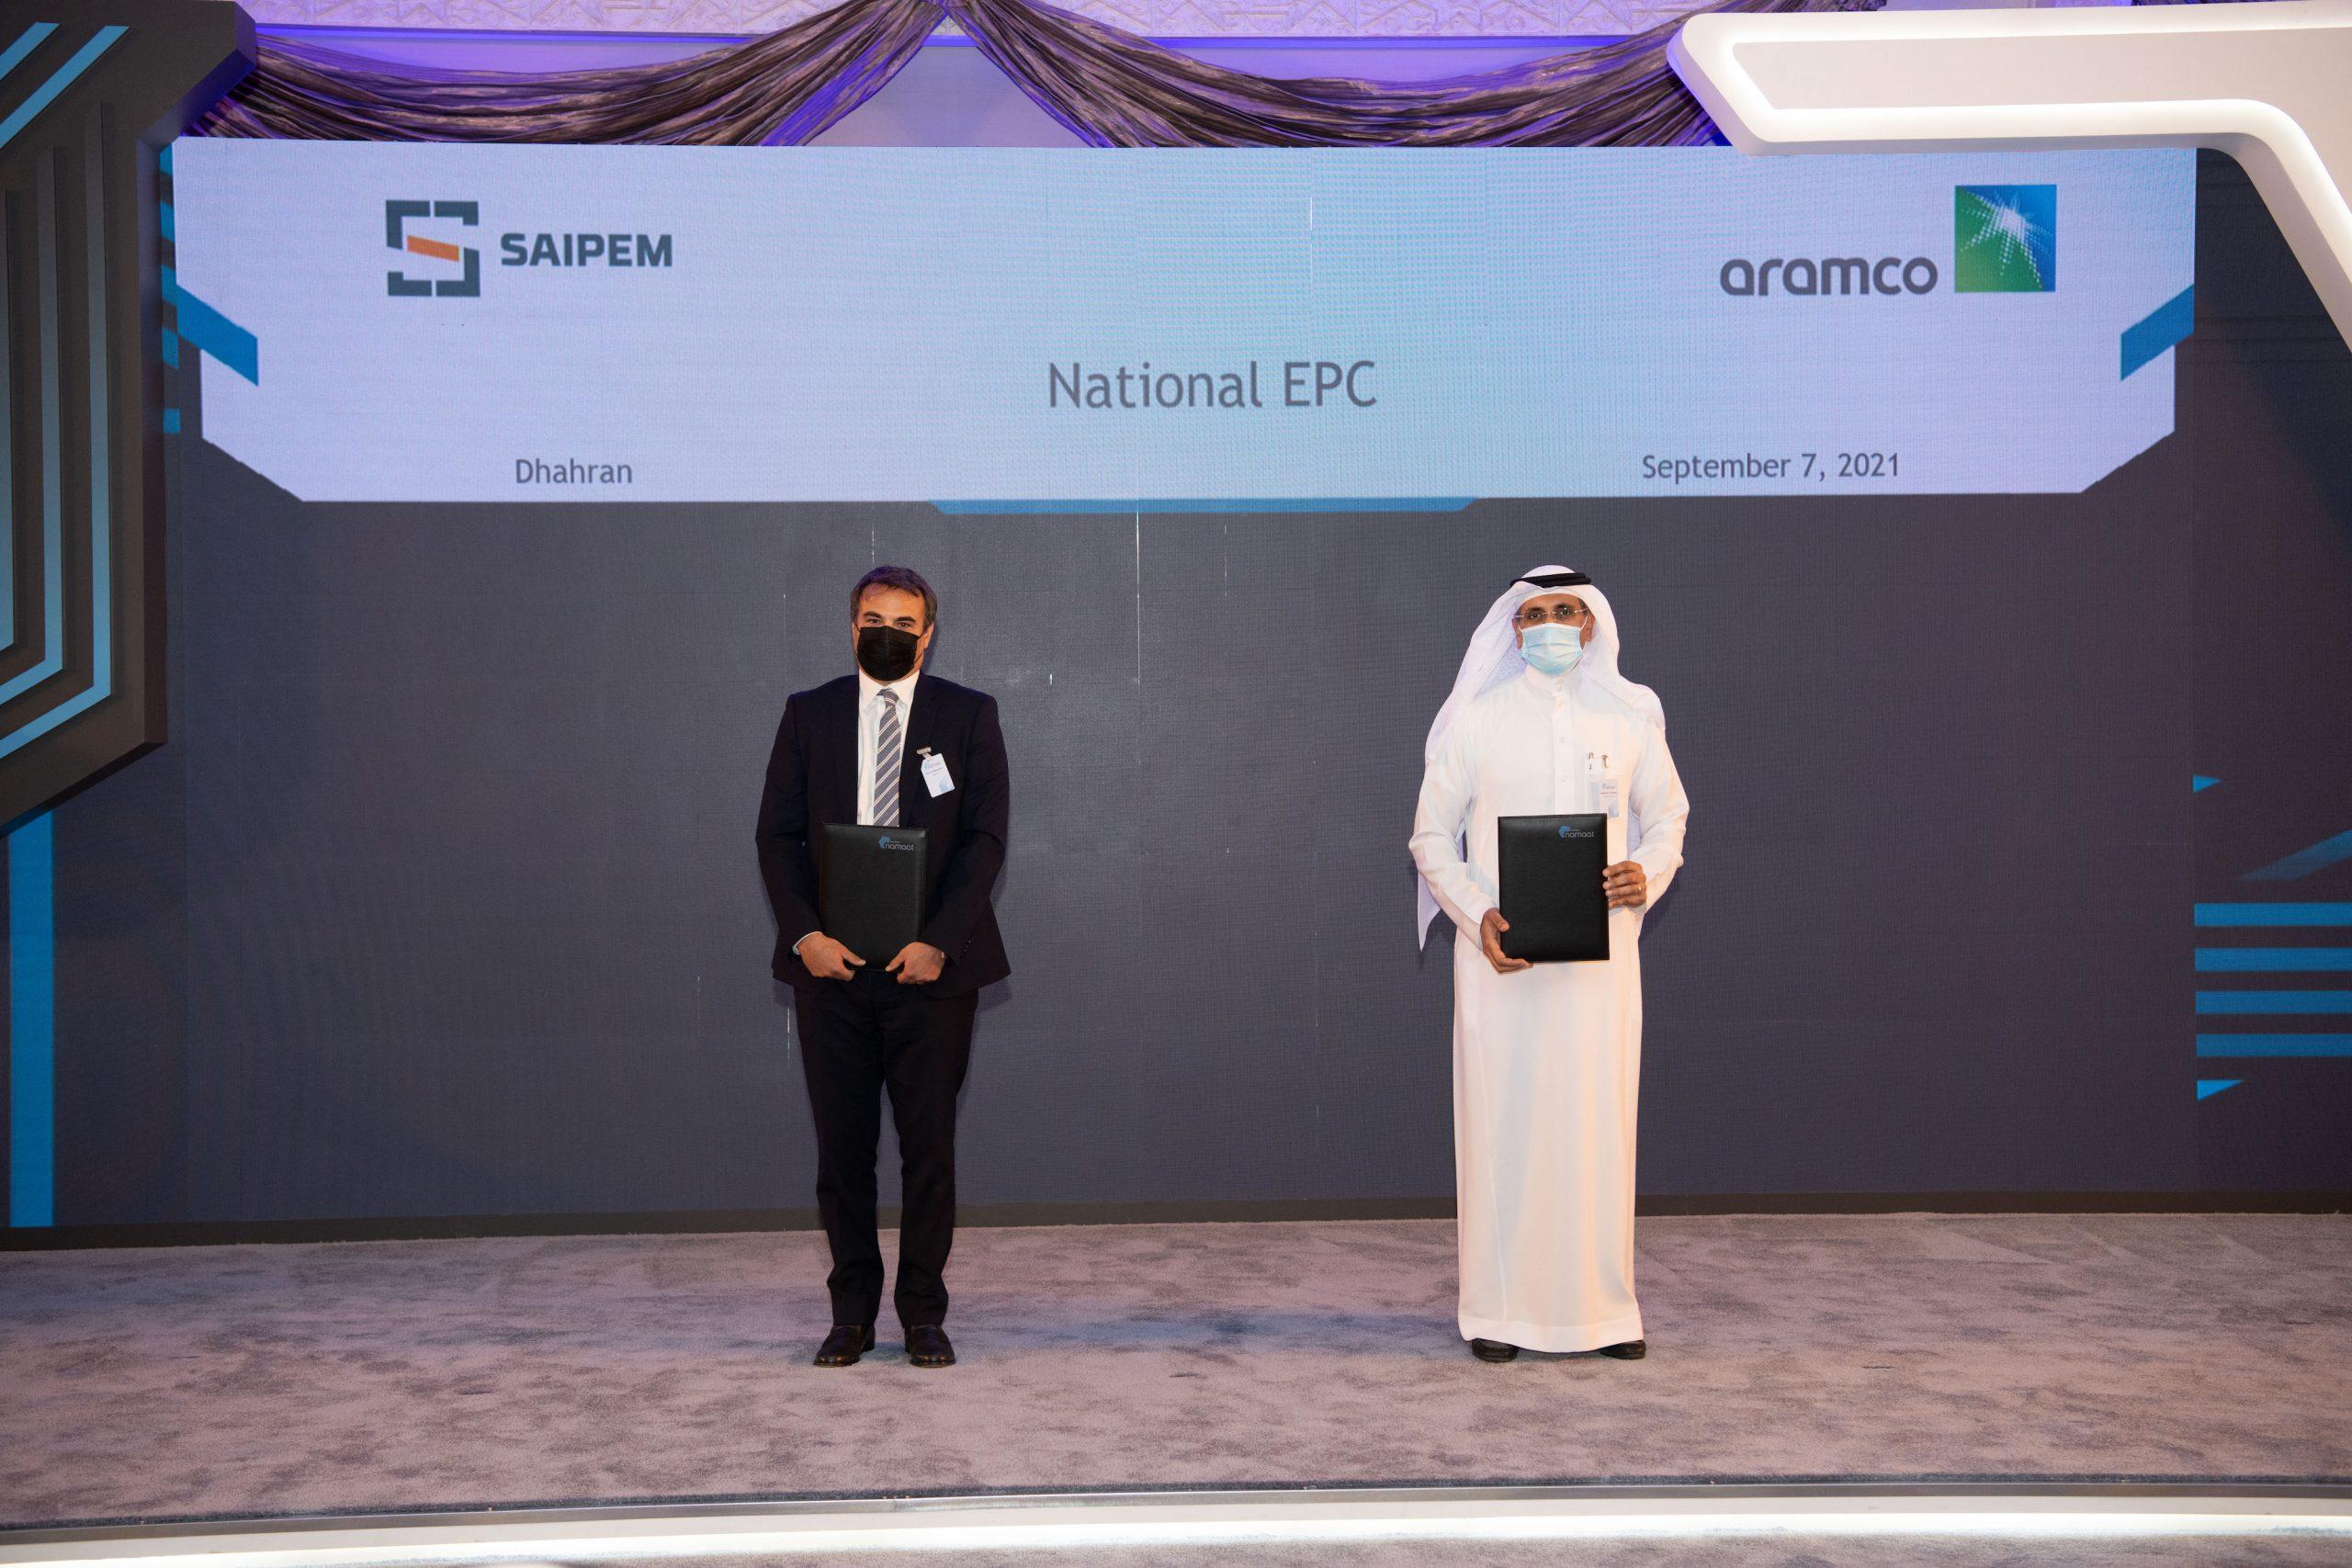 جانب من توقيع الاتفاقية بين سايبم وأرامكو السعودية